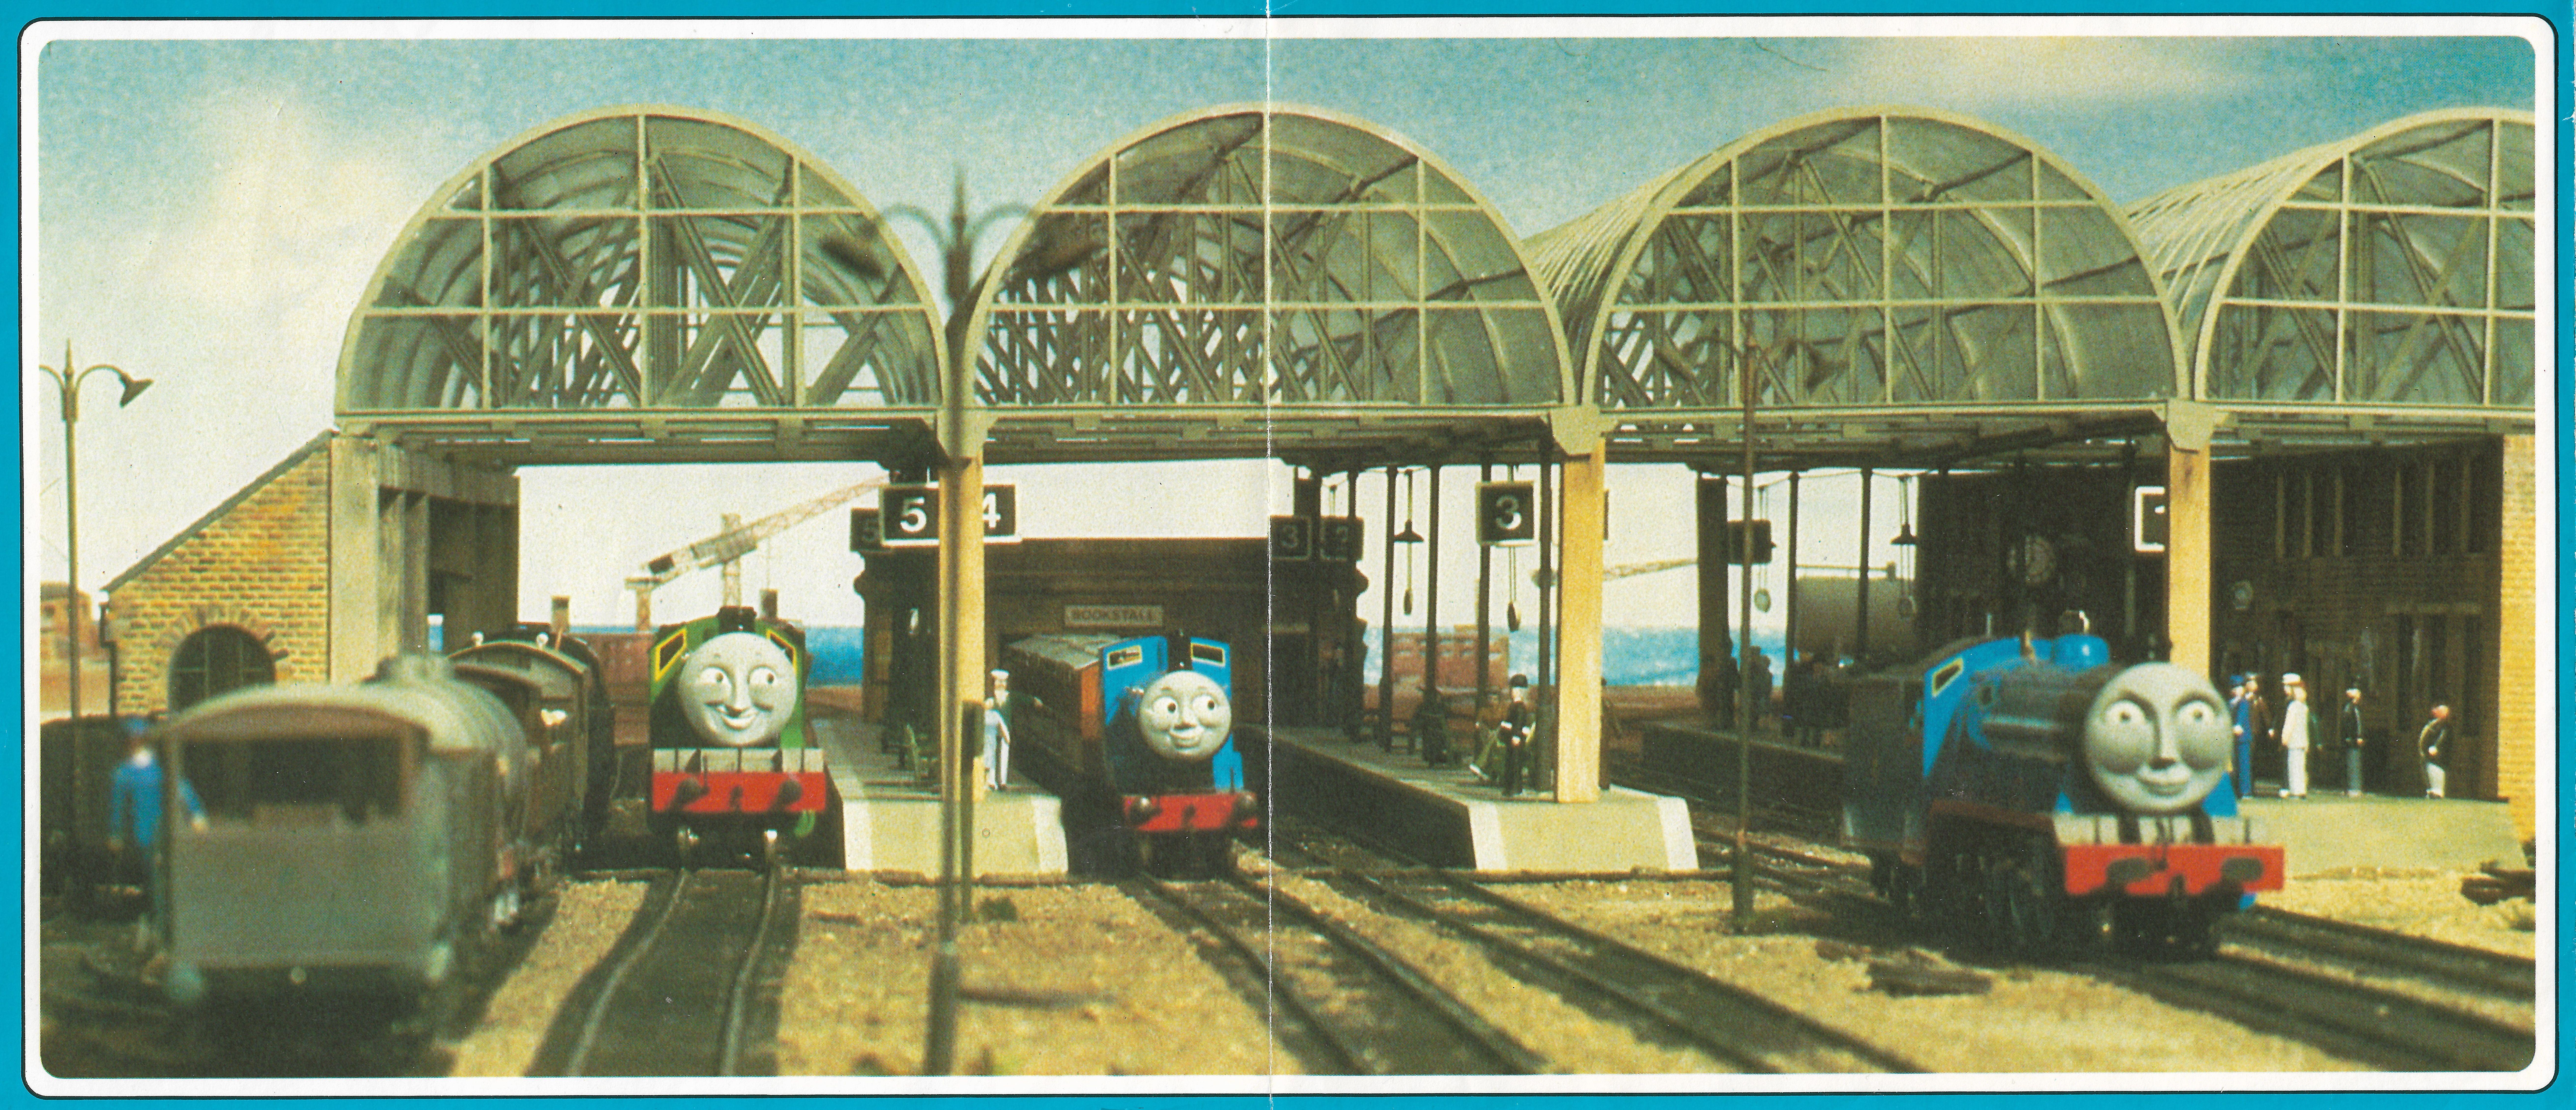 File:Thomas'Train53.jpg